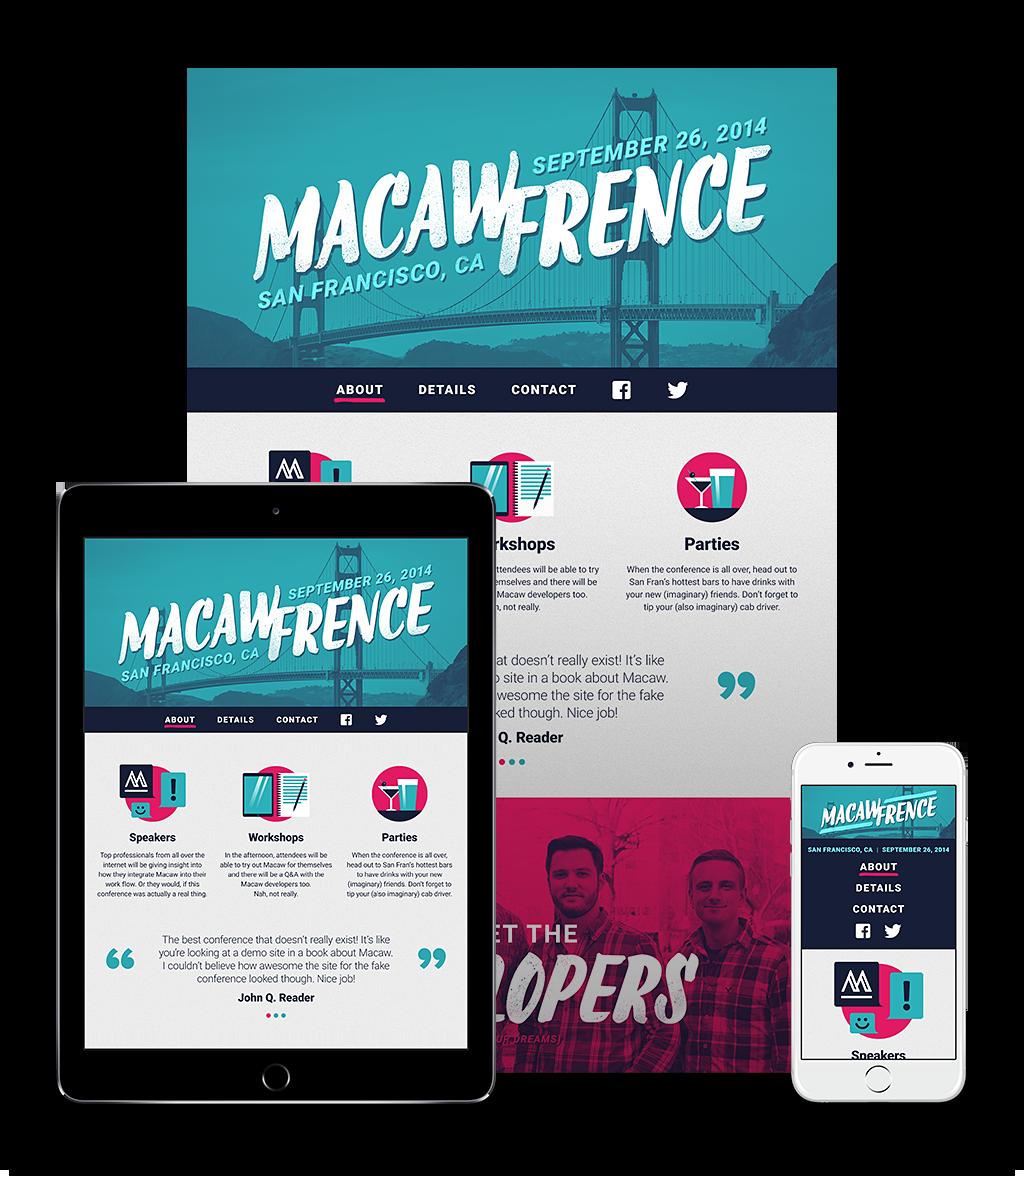 2b-Macawfrence